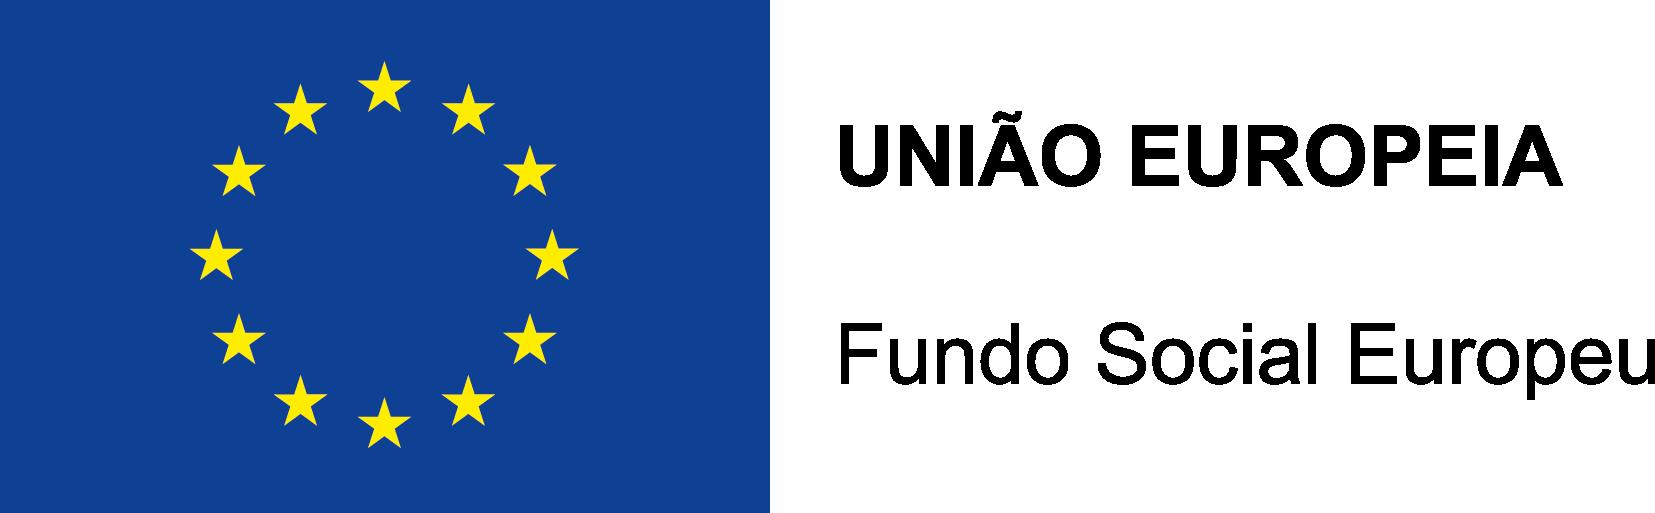 FSE - Fundo Social Europeu